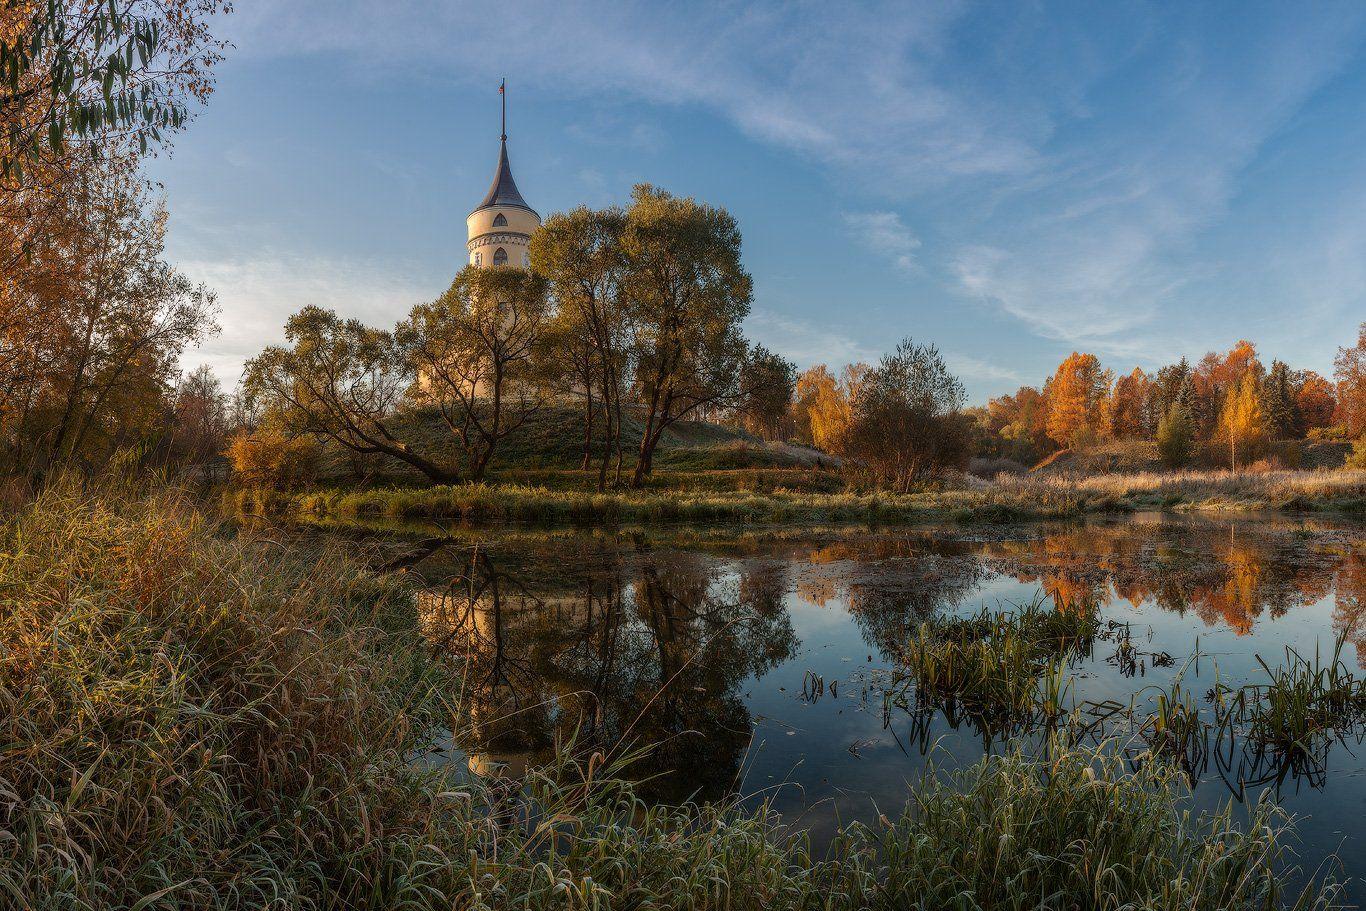 павловск, бип, мариенталь, славянка, тызва, осень, рассвет, россия, Илья Штром